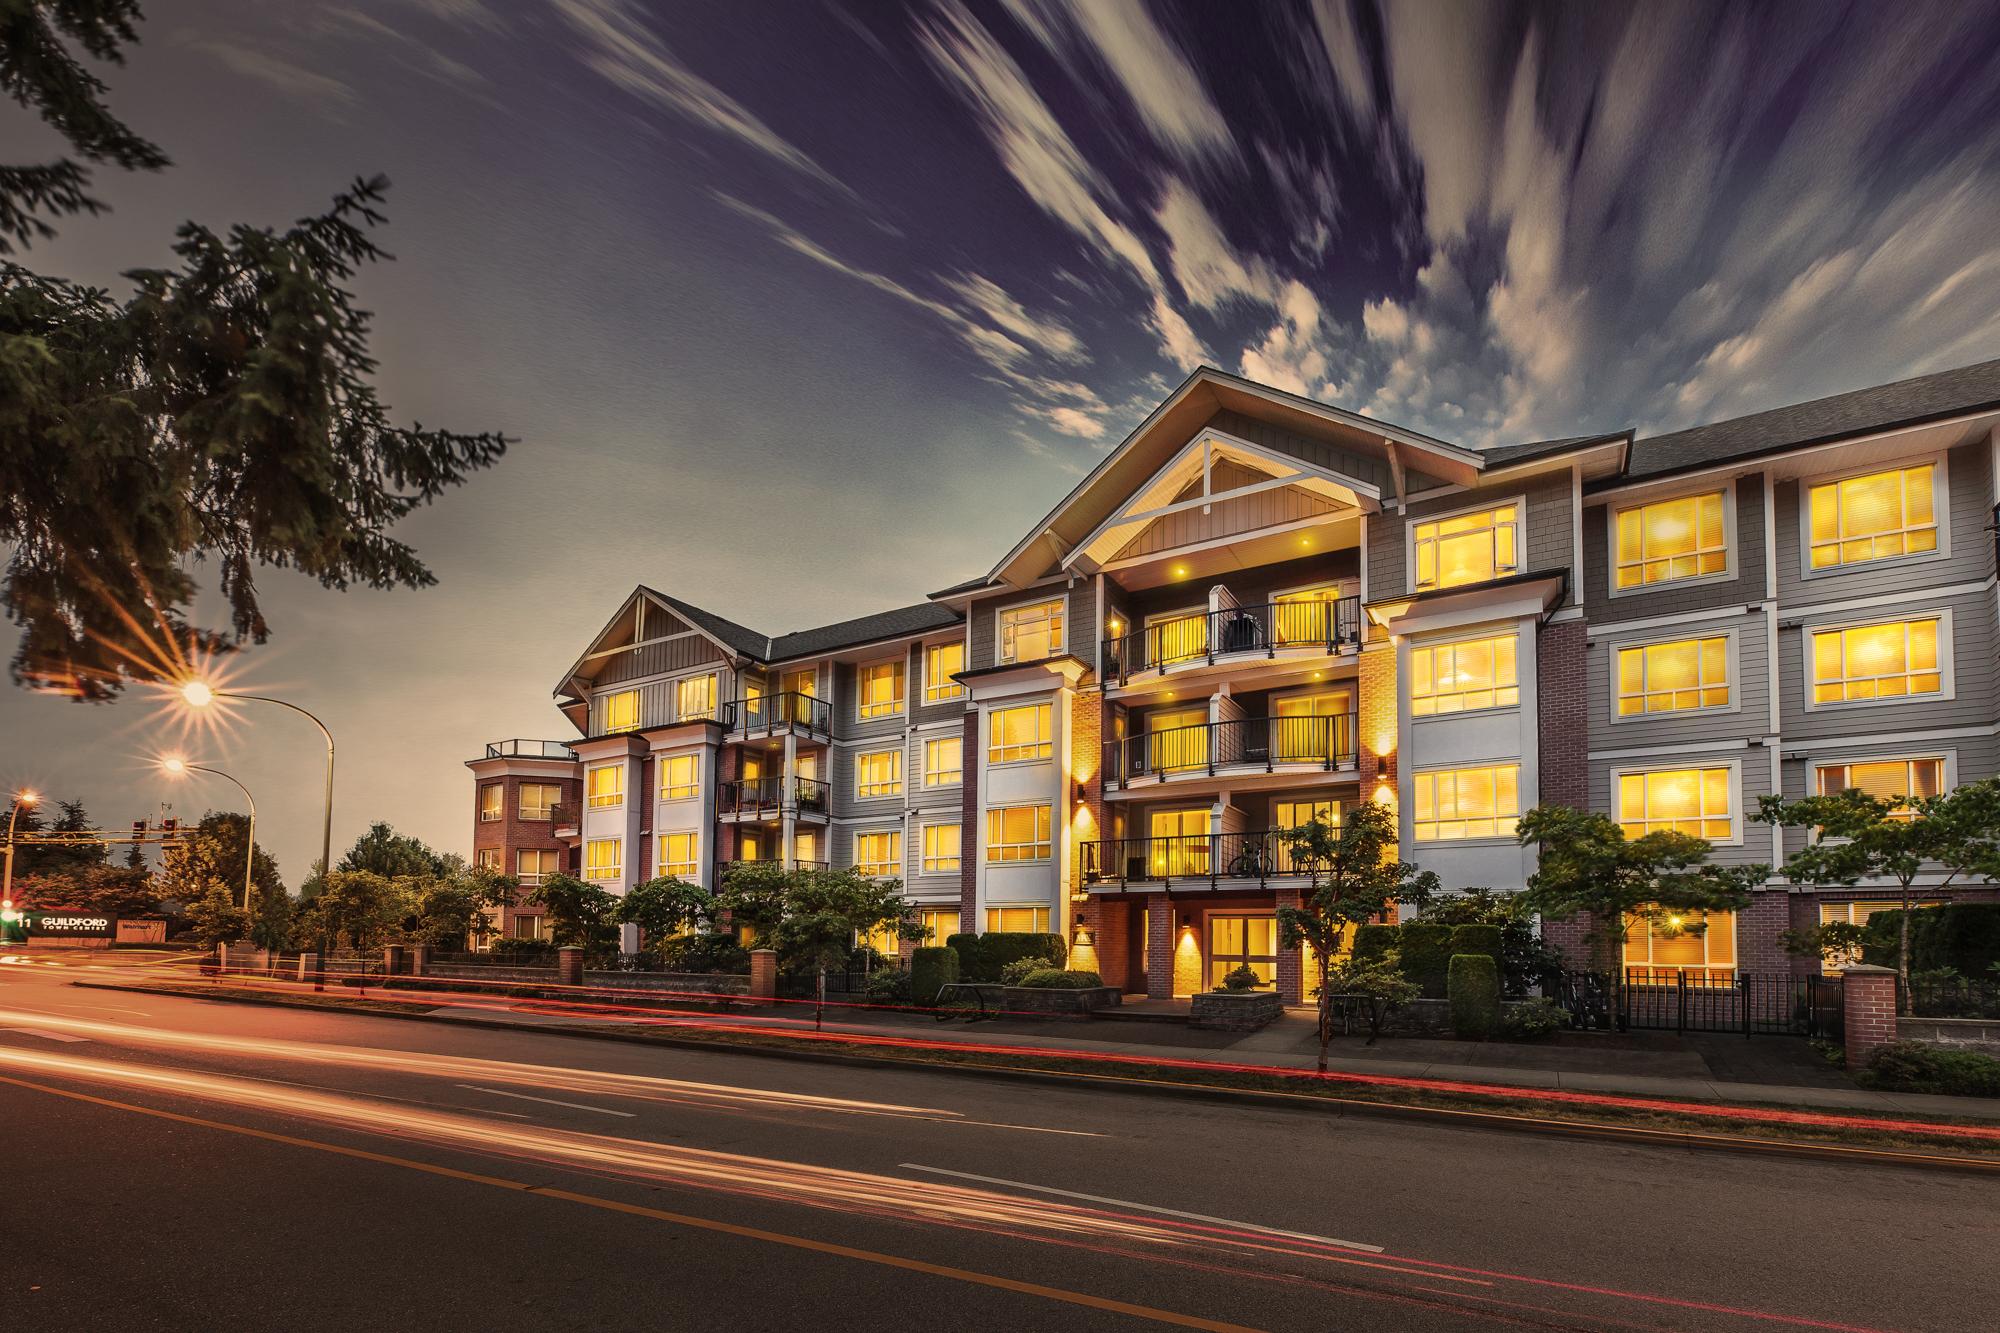 Max - apartment building